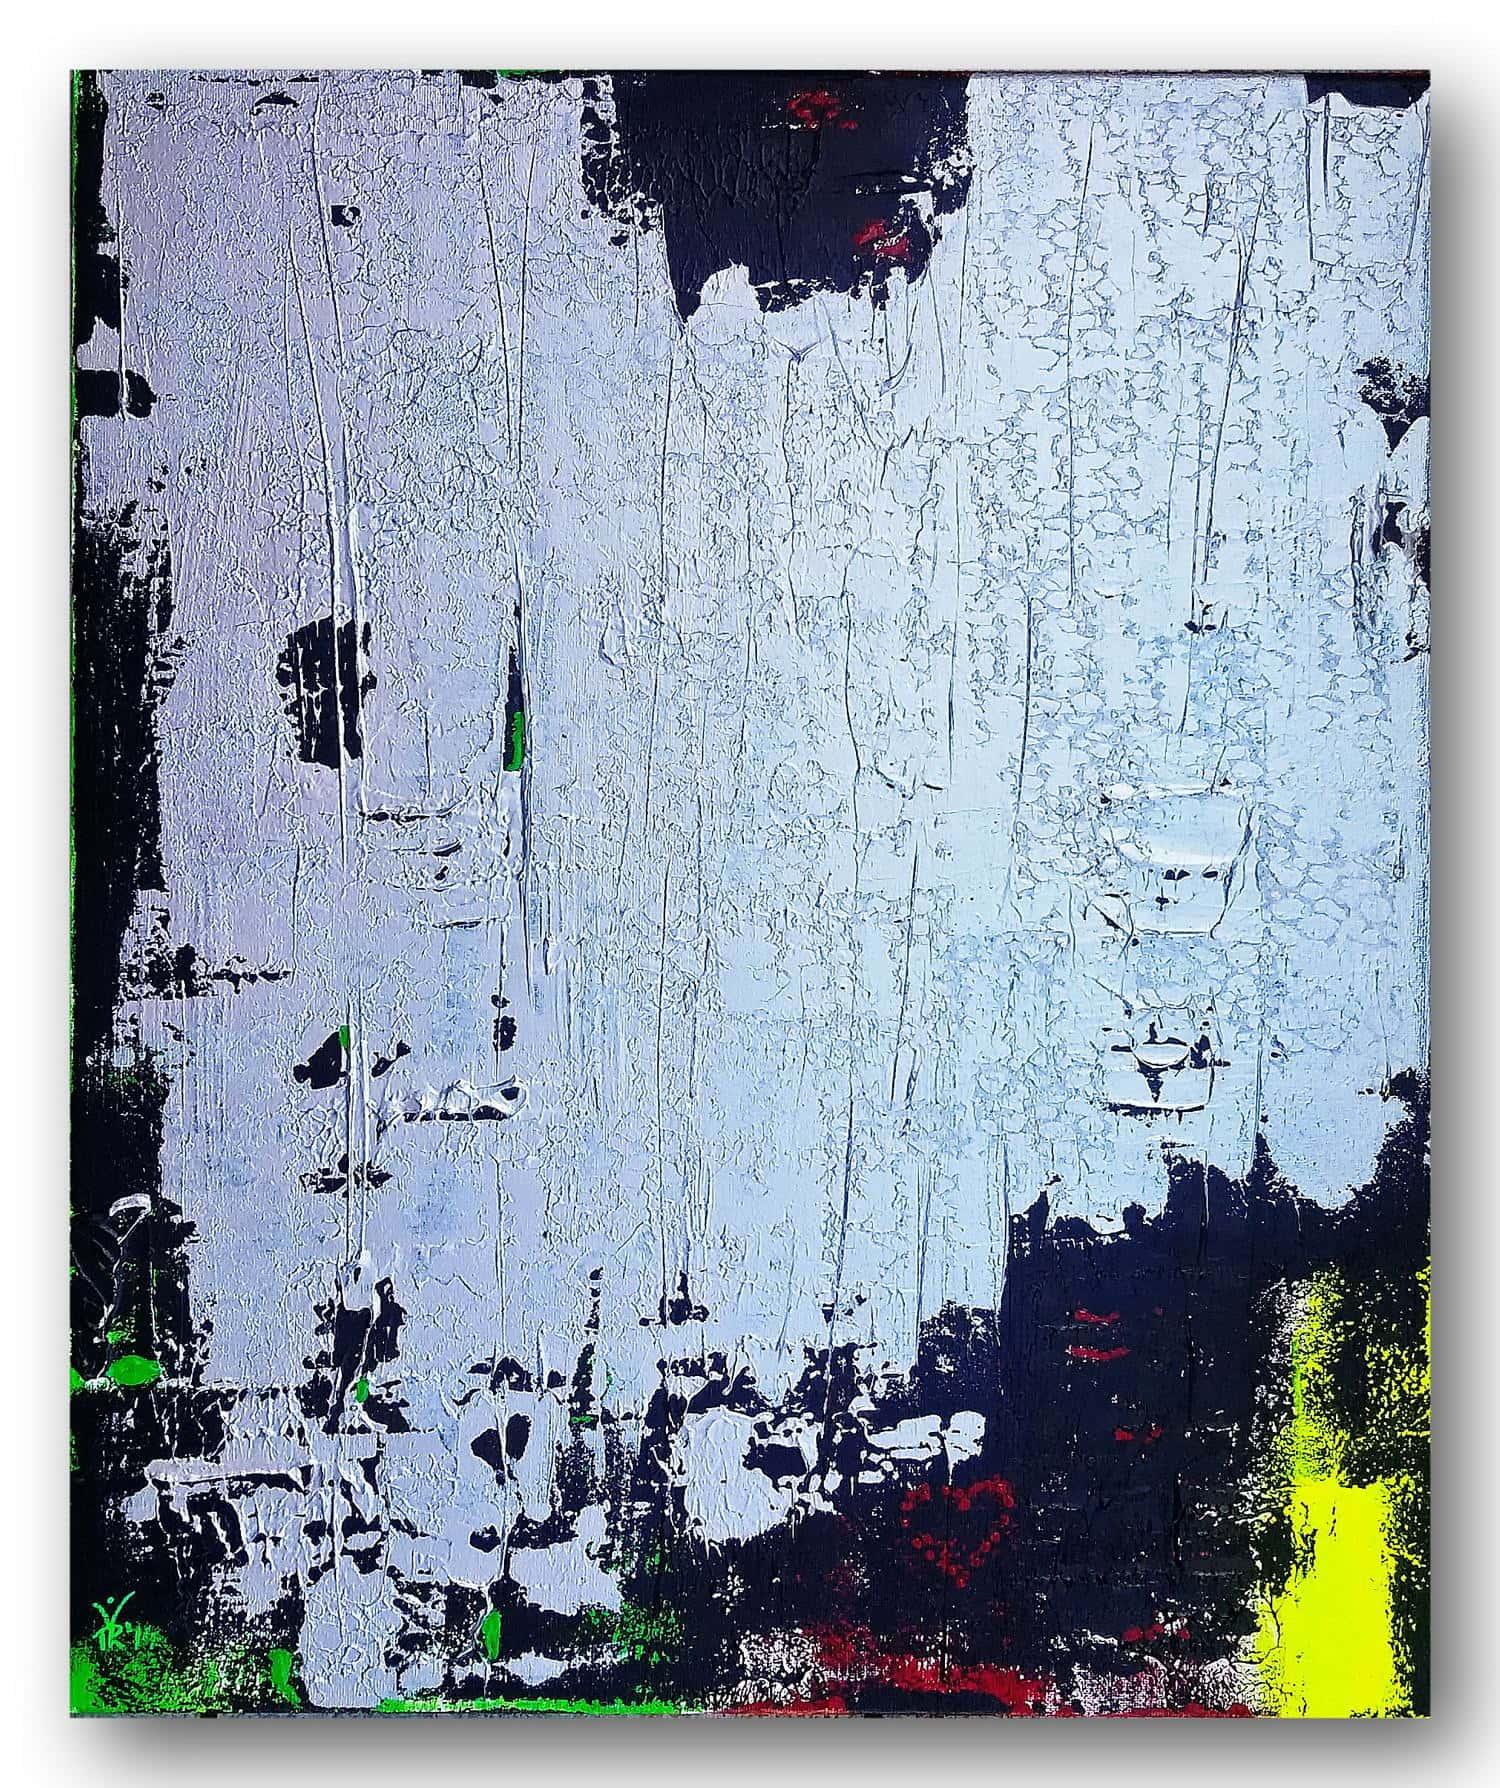 Phoenix aus der Asche - Acrylic / canvas 50 x 60 cm, 19.7 x 23.6 inch